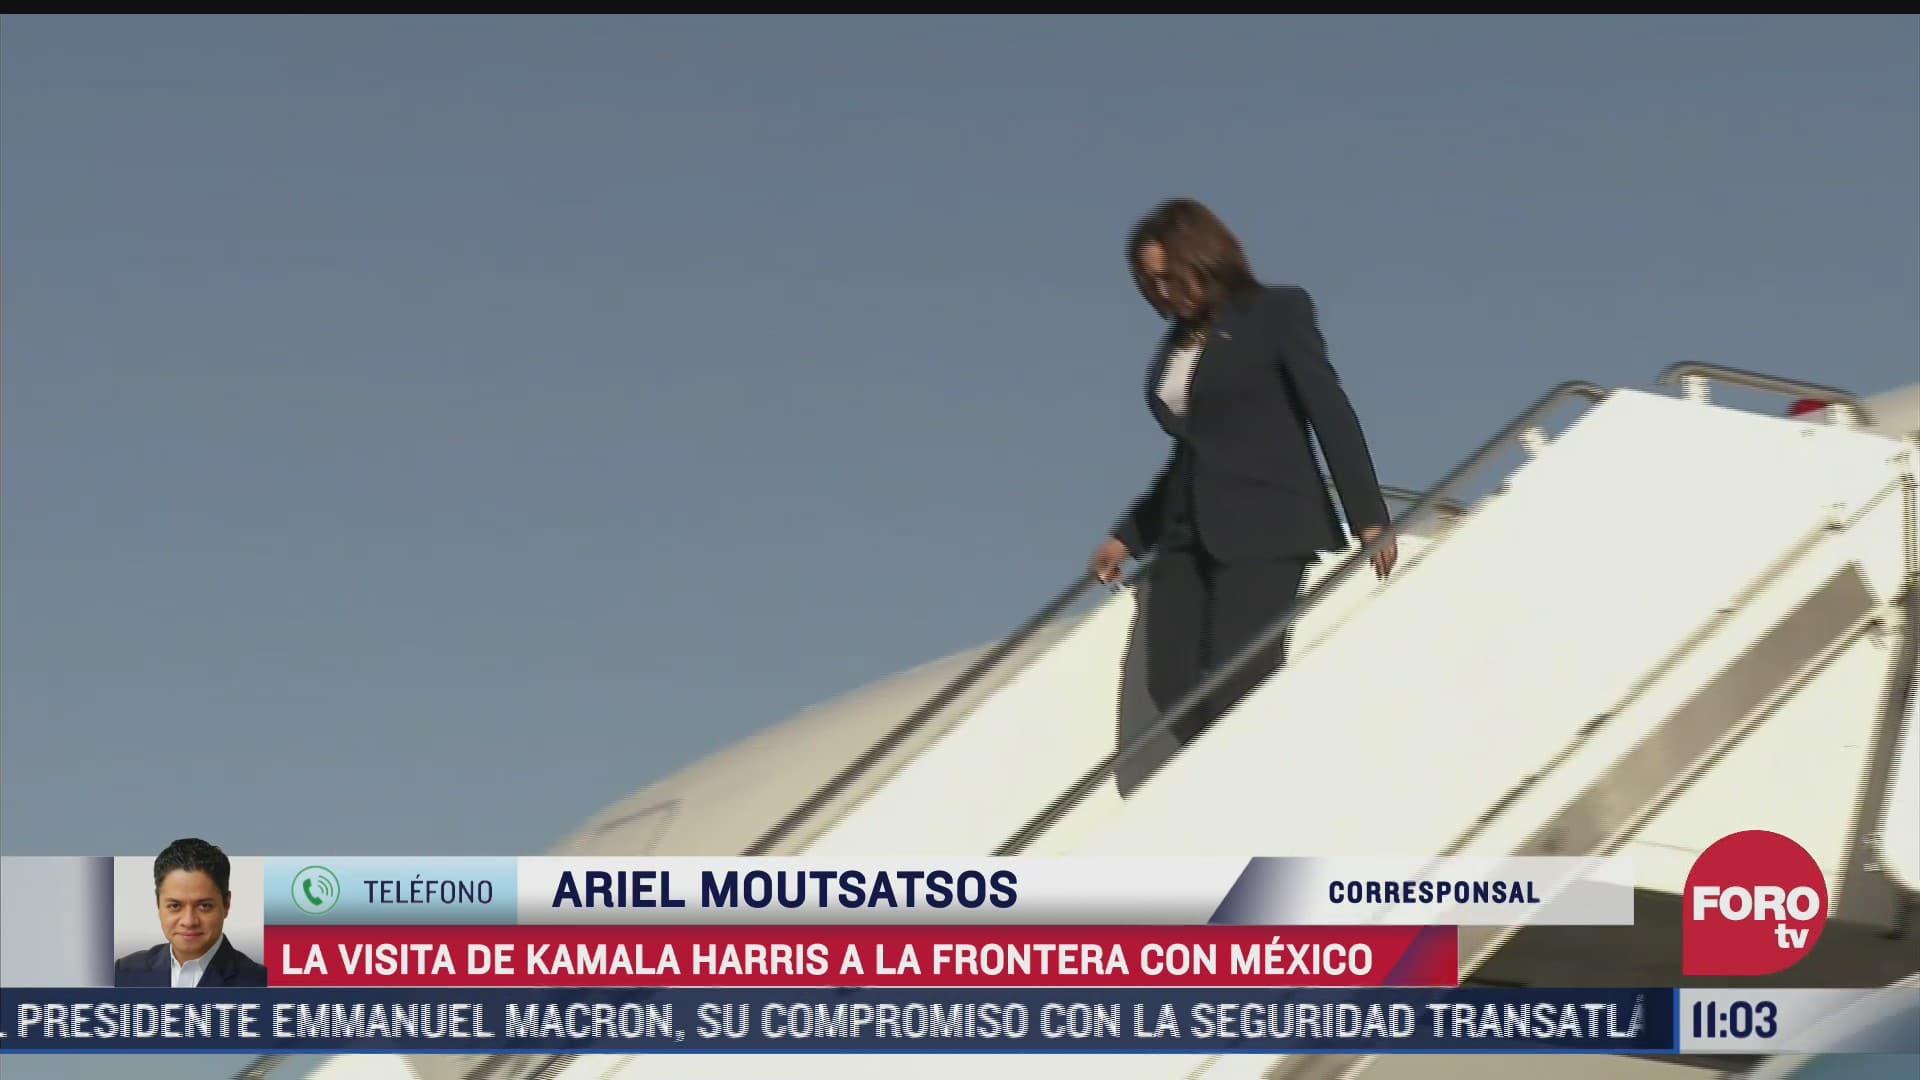 asi fue la visita de kamala harris a la frontera con mexico